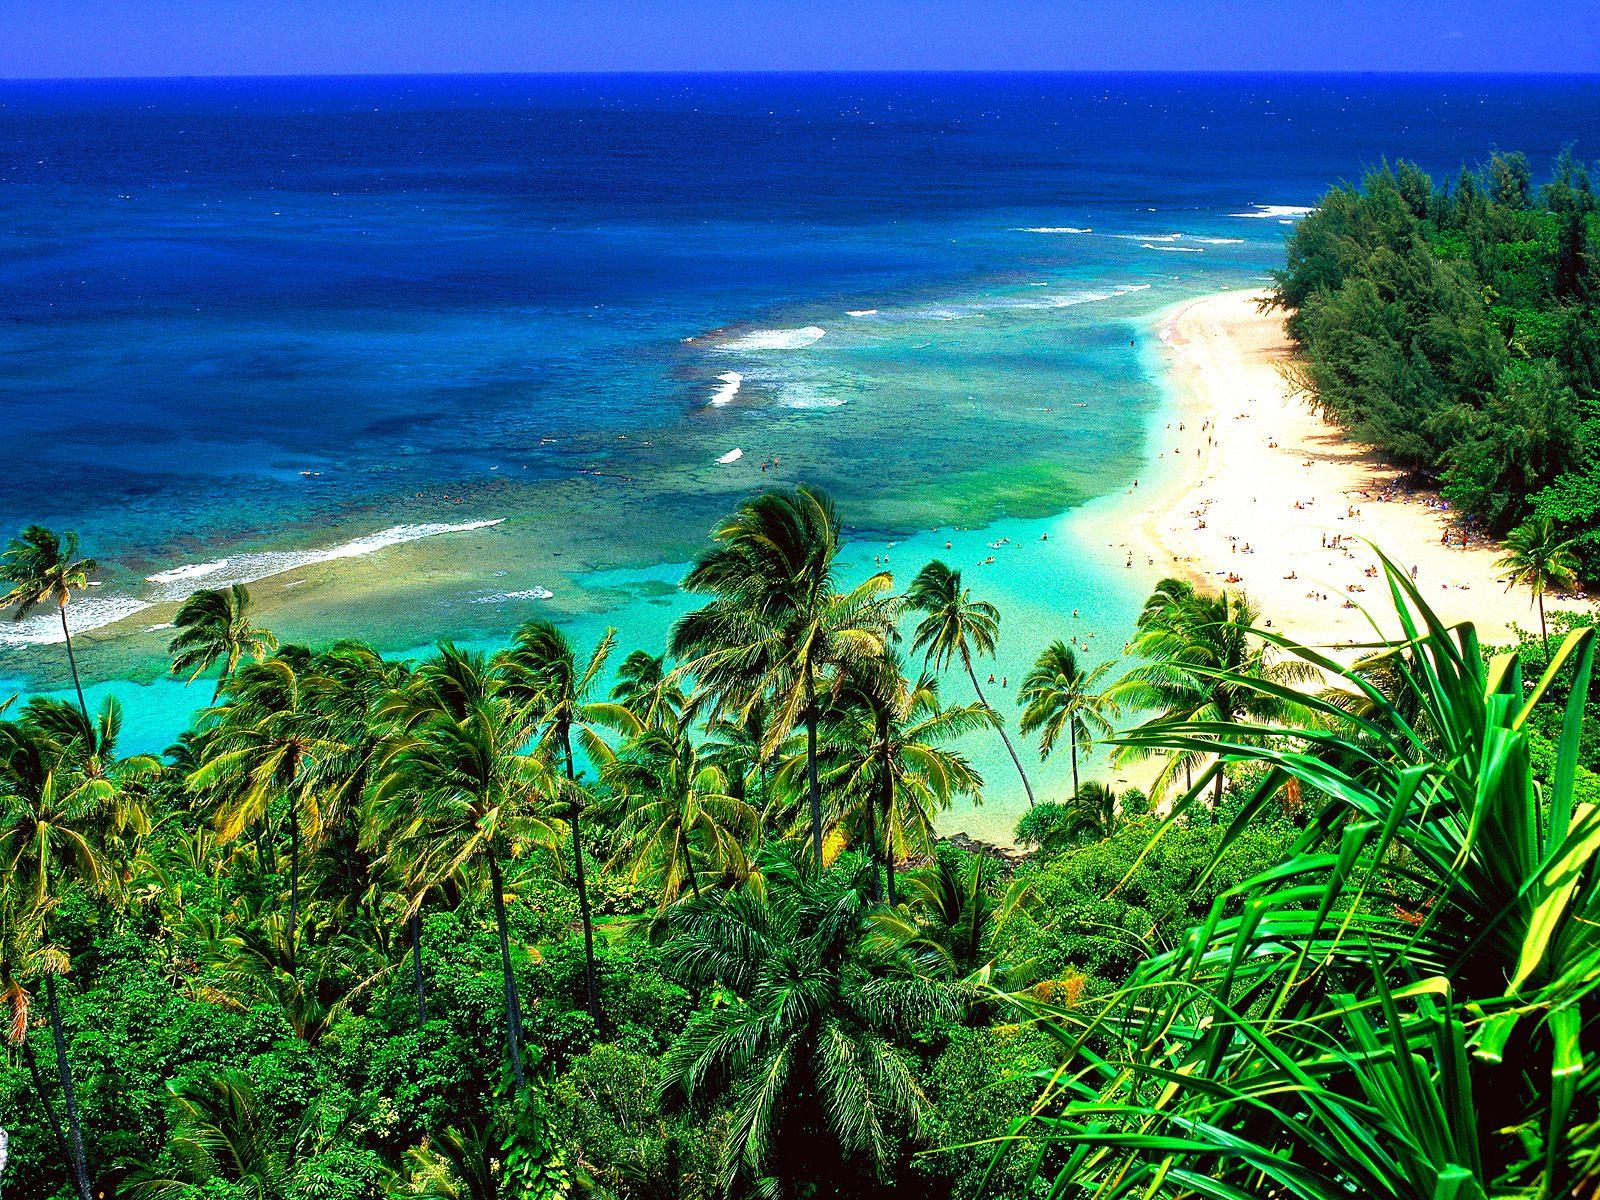 http://4.bp.blogspot.com/-CfR8ZepqMvw/TVqMg3DDDoI/AAAAAAAAABw/PeLq1O2phZM/s1600/Kee_Beach_Kauai_Hawaii.jpg#kaui%201600x1200